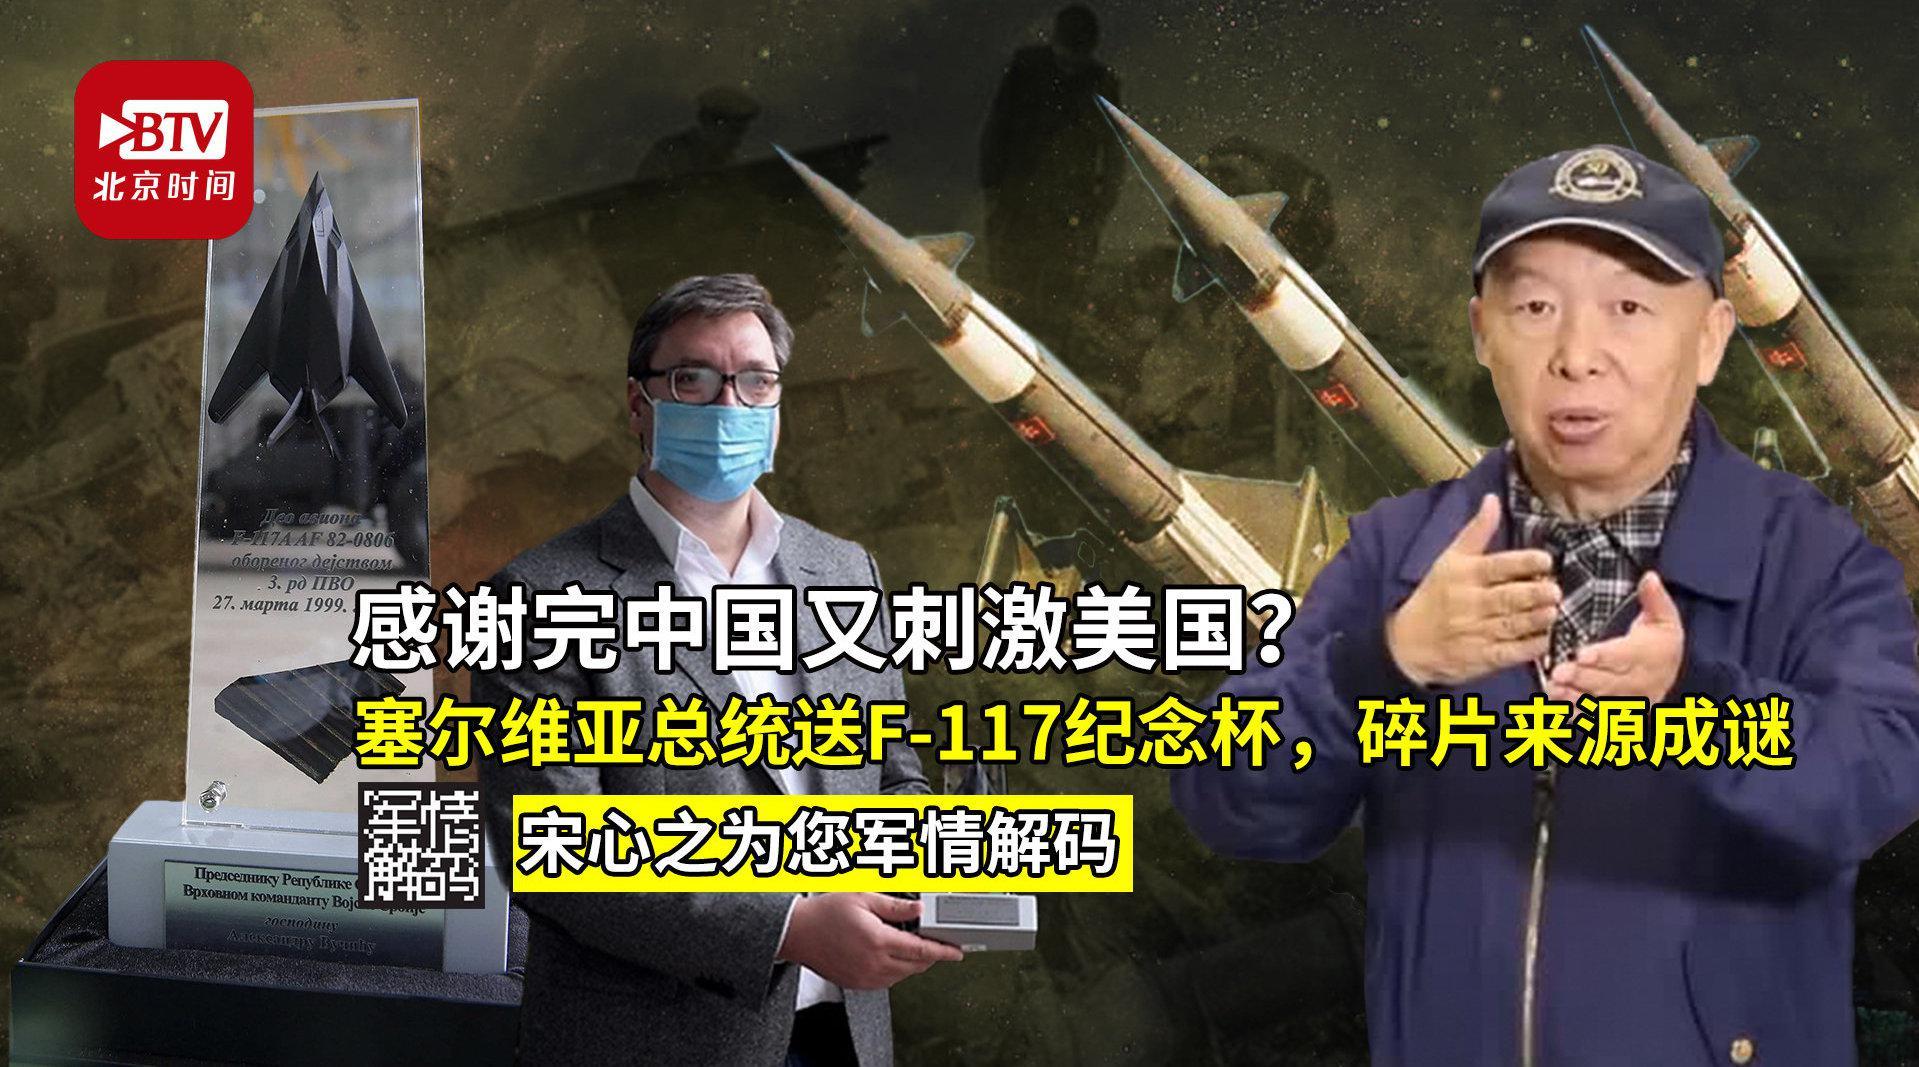 感谢完中国又刺激美国?塞尔维亚总统送F-117纪念杯 碎片来源成谜